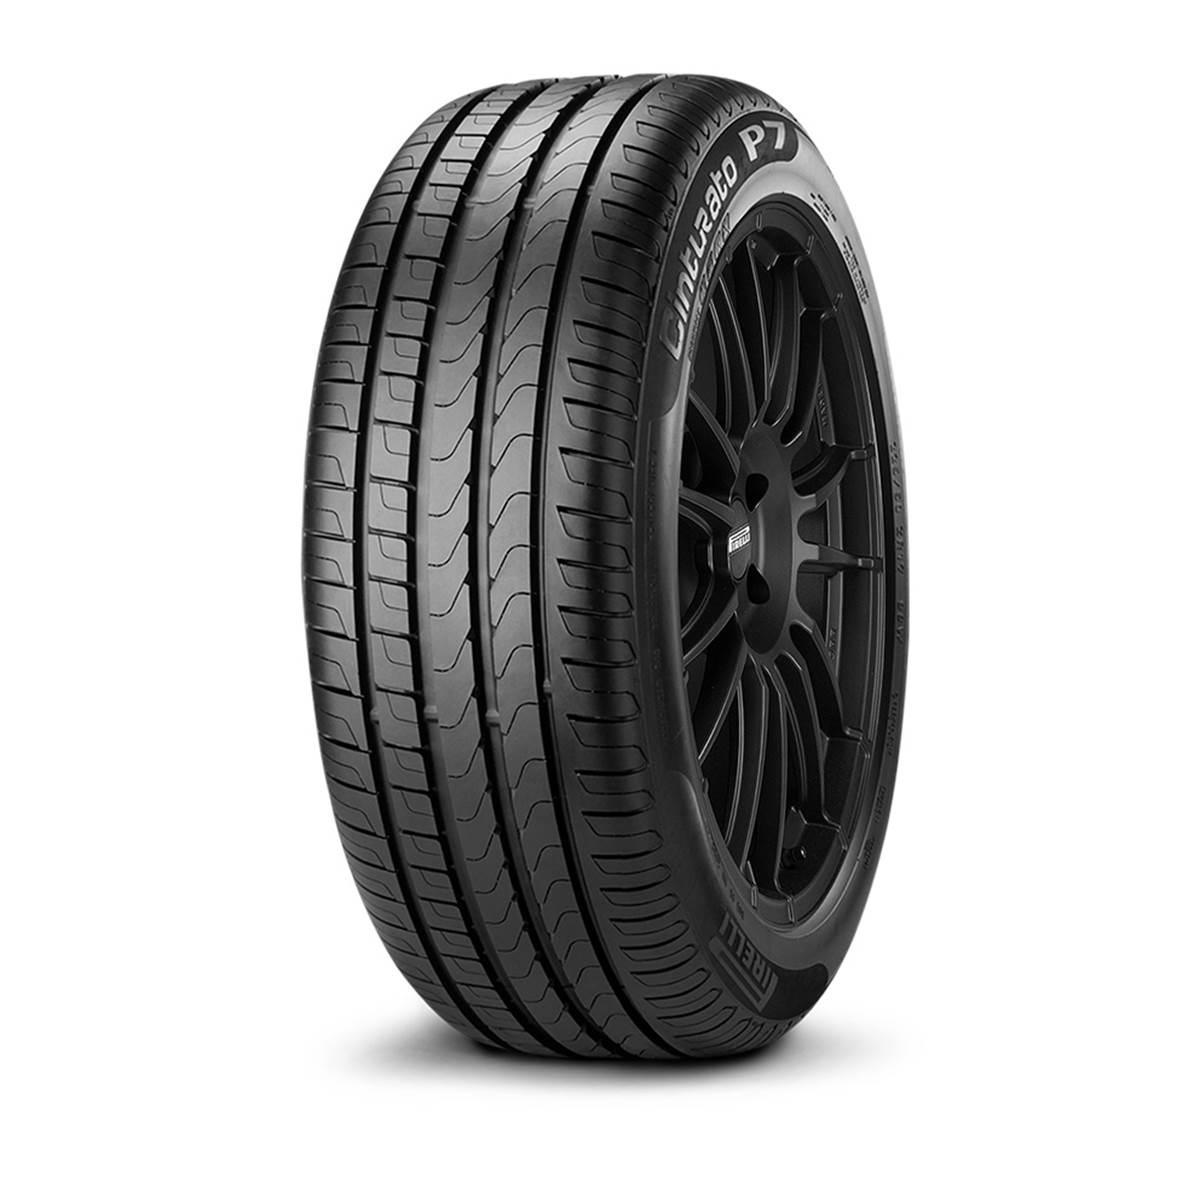 Pneu Pirelli 225/60R16 98Y Cinturato P7